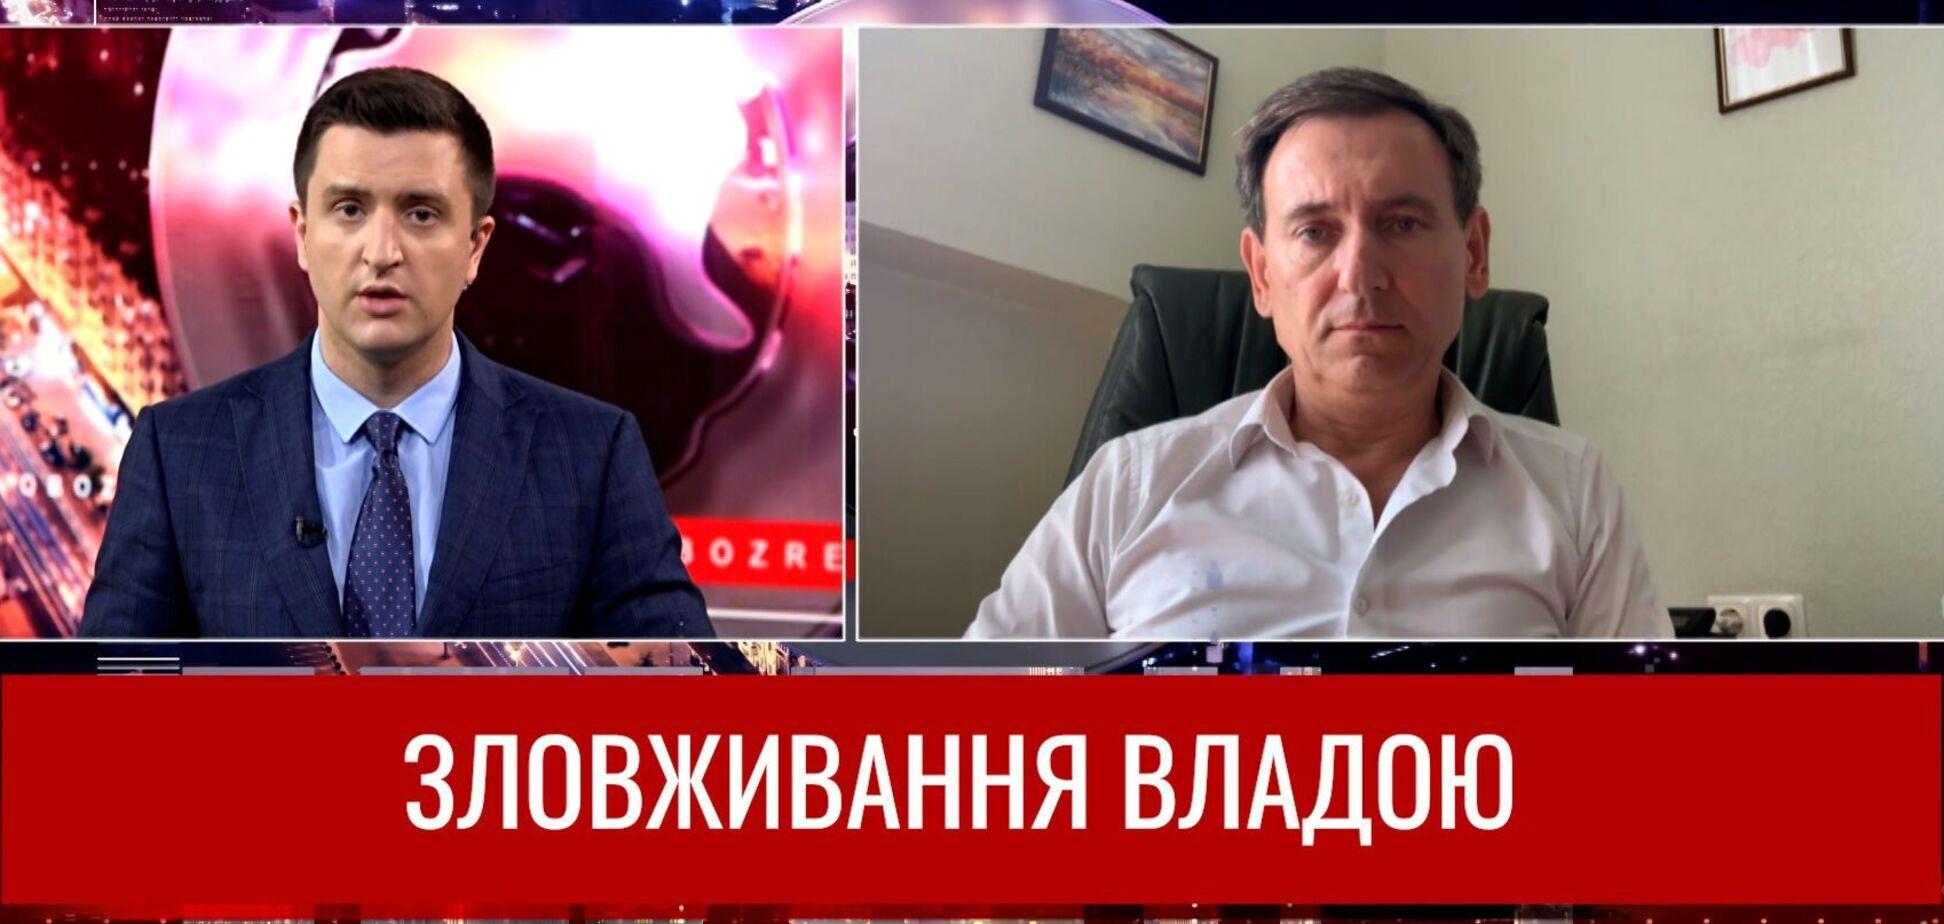 Підсумки з Вадимом Колодійчуком. Понеділок, 19 липня